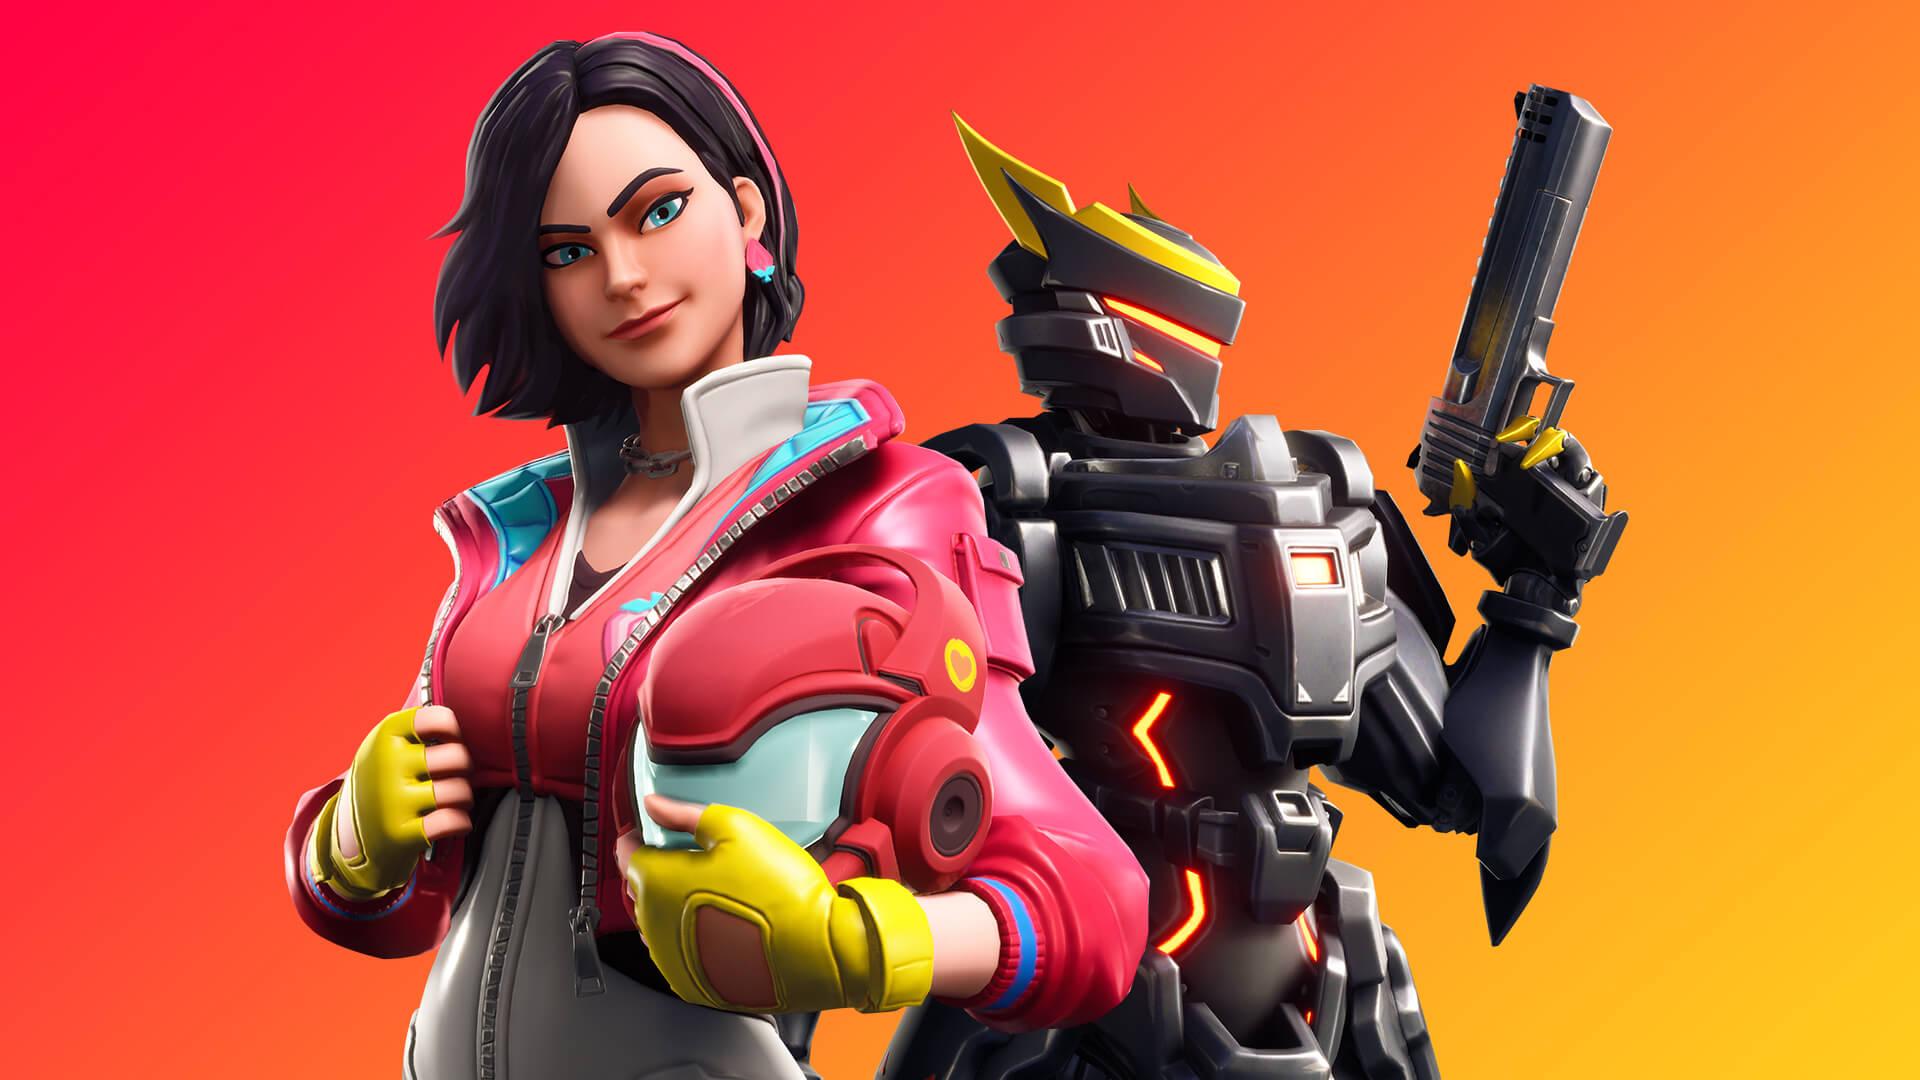 Fortnite At E3 2019